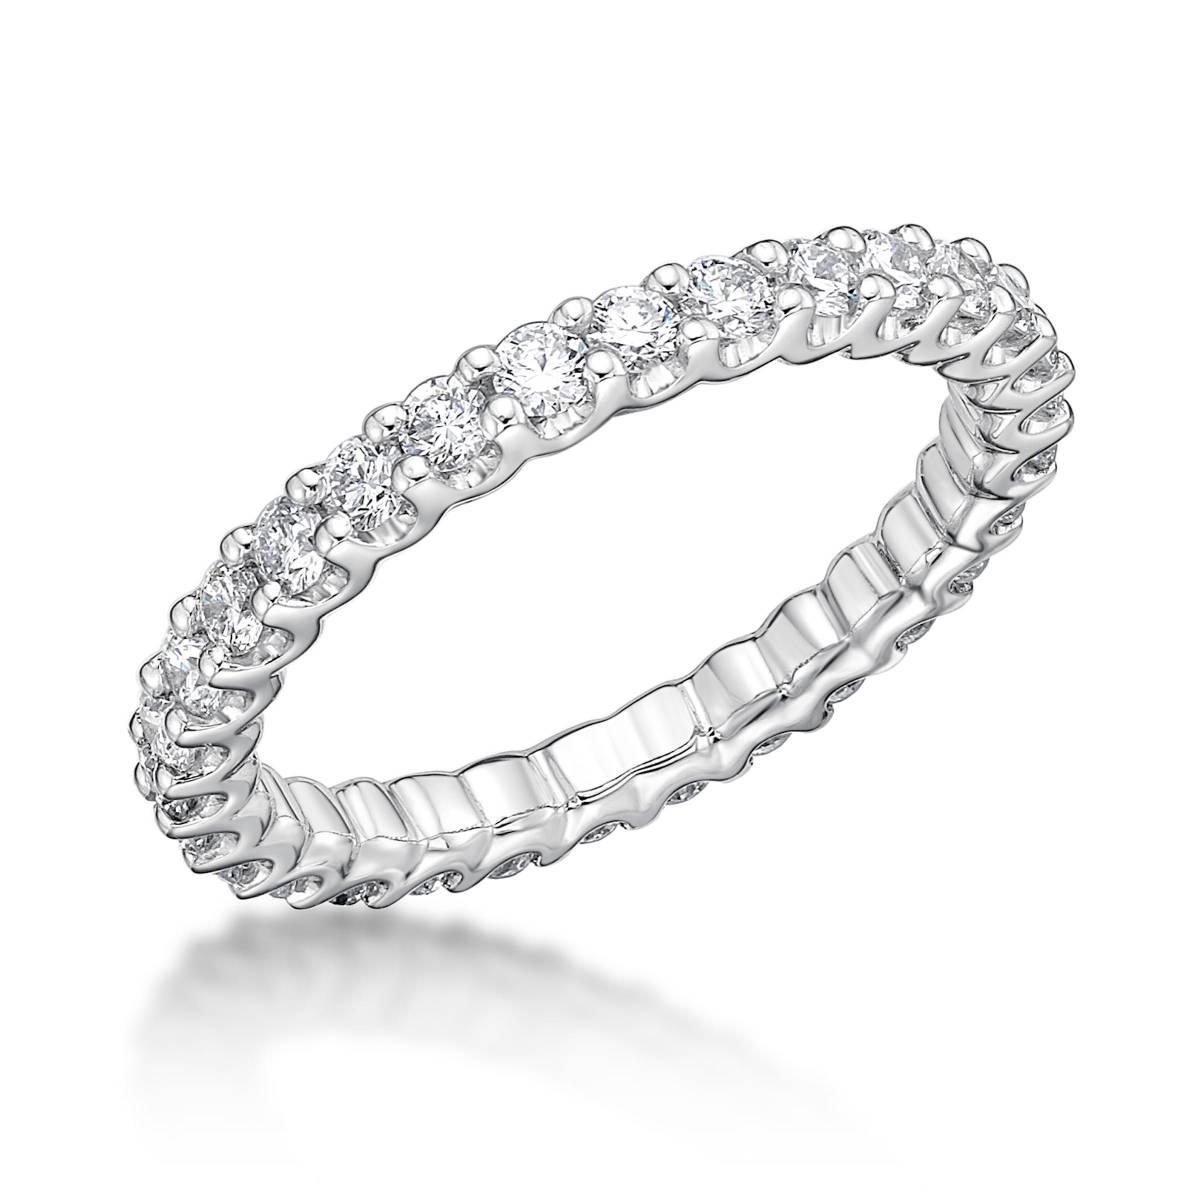 Jewels by Christiaan Van Bignoot - House of Weddings - 20